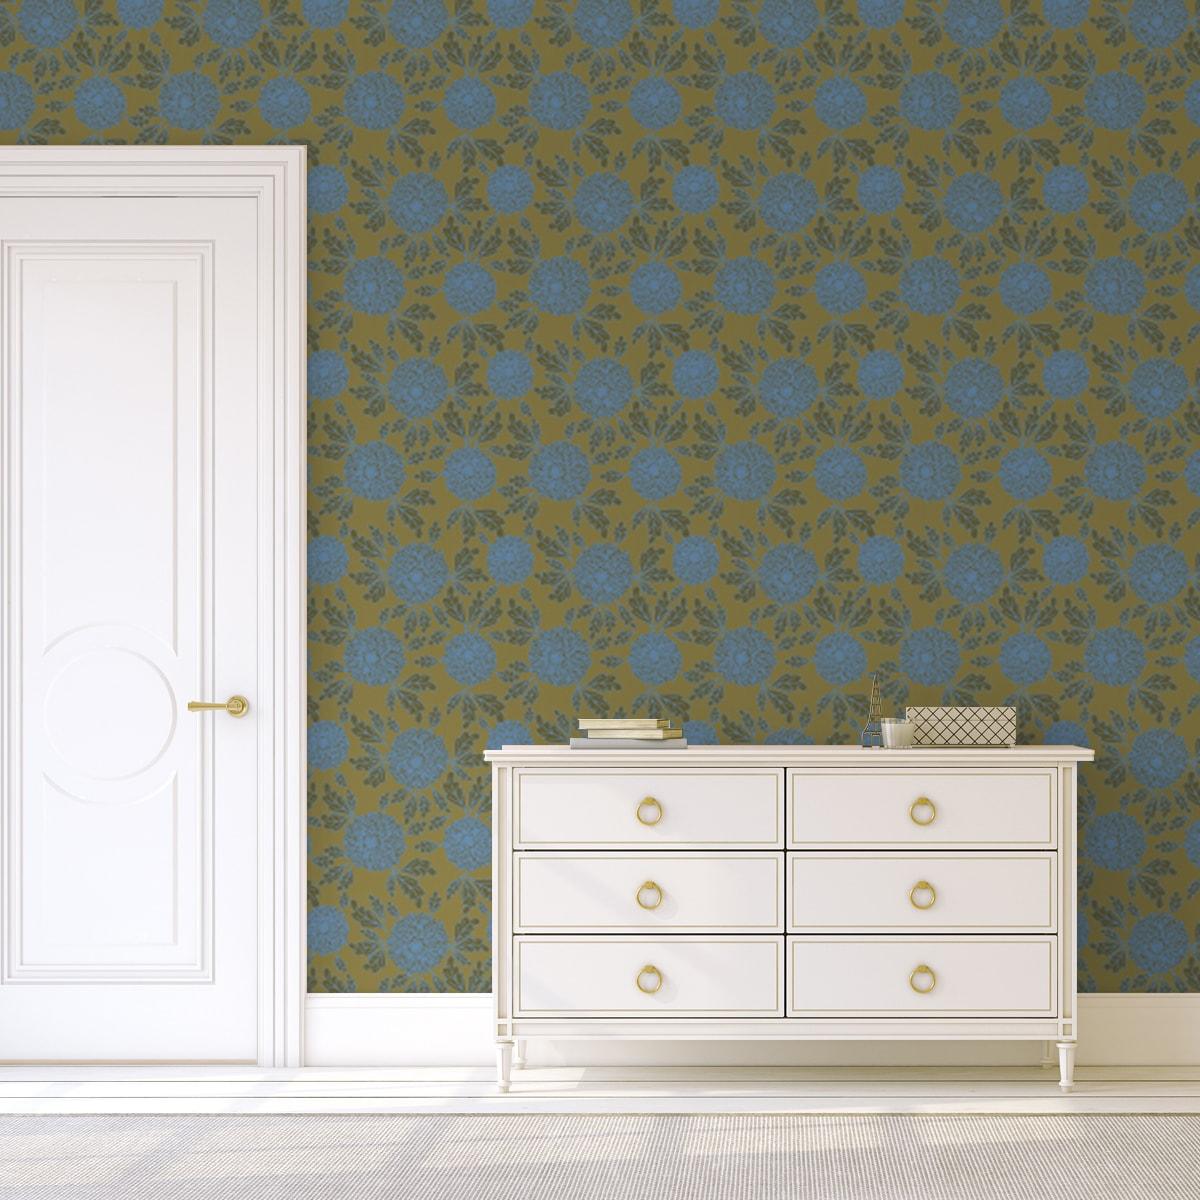 """Wandtapete erbsen grün: Eleganter Tapeten Klassiker hellblau grün """"Pompadour Dahlien"""" mit edlen Blüten angepasst an Little Greene Wandfarben"""